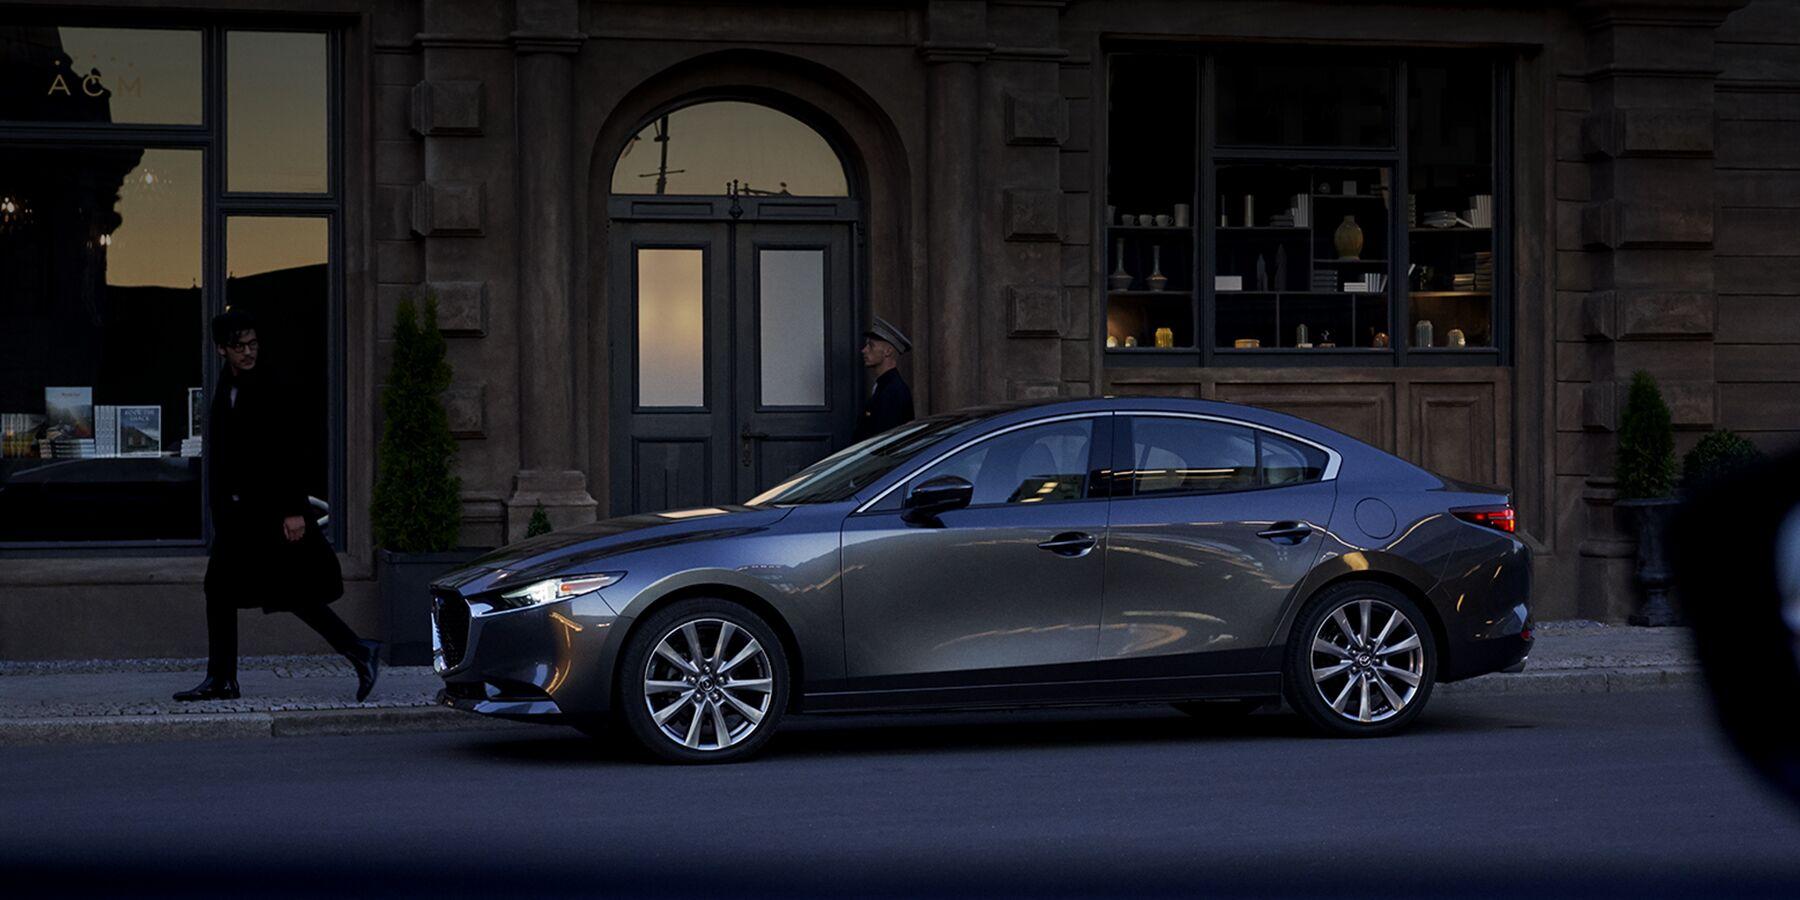 A 2019 Mazda3 sedan outside a house